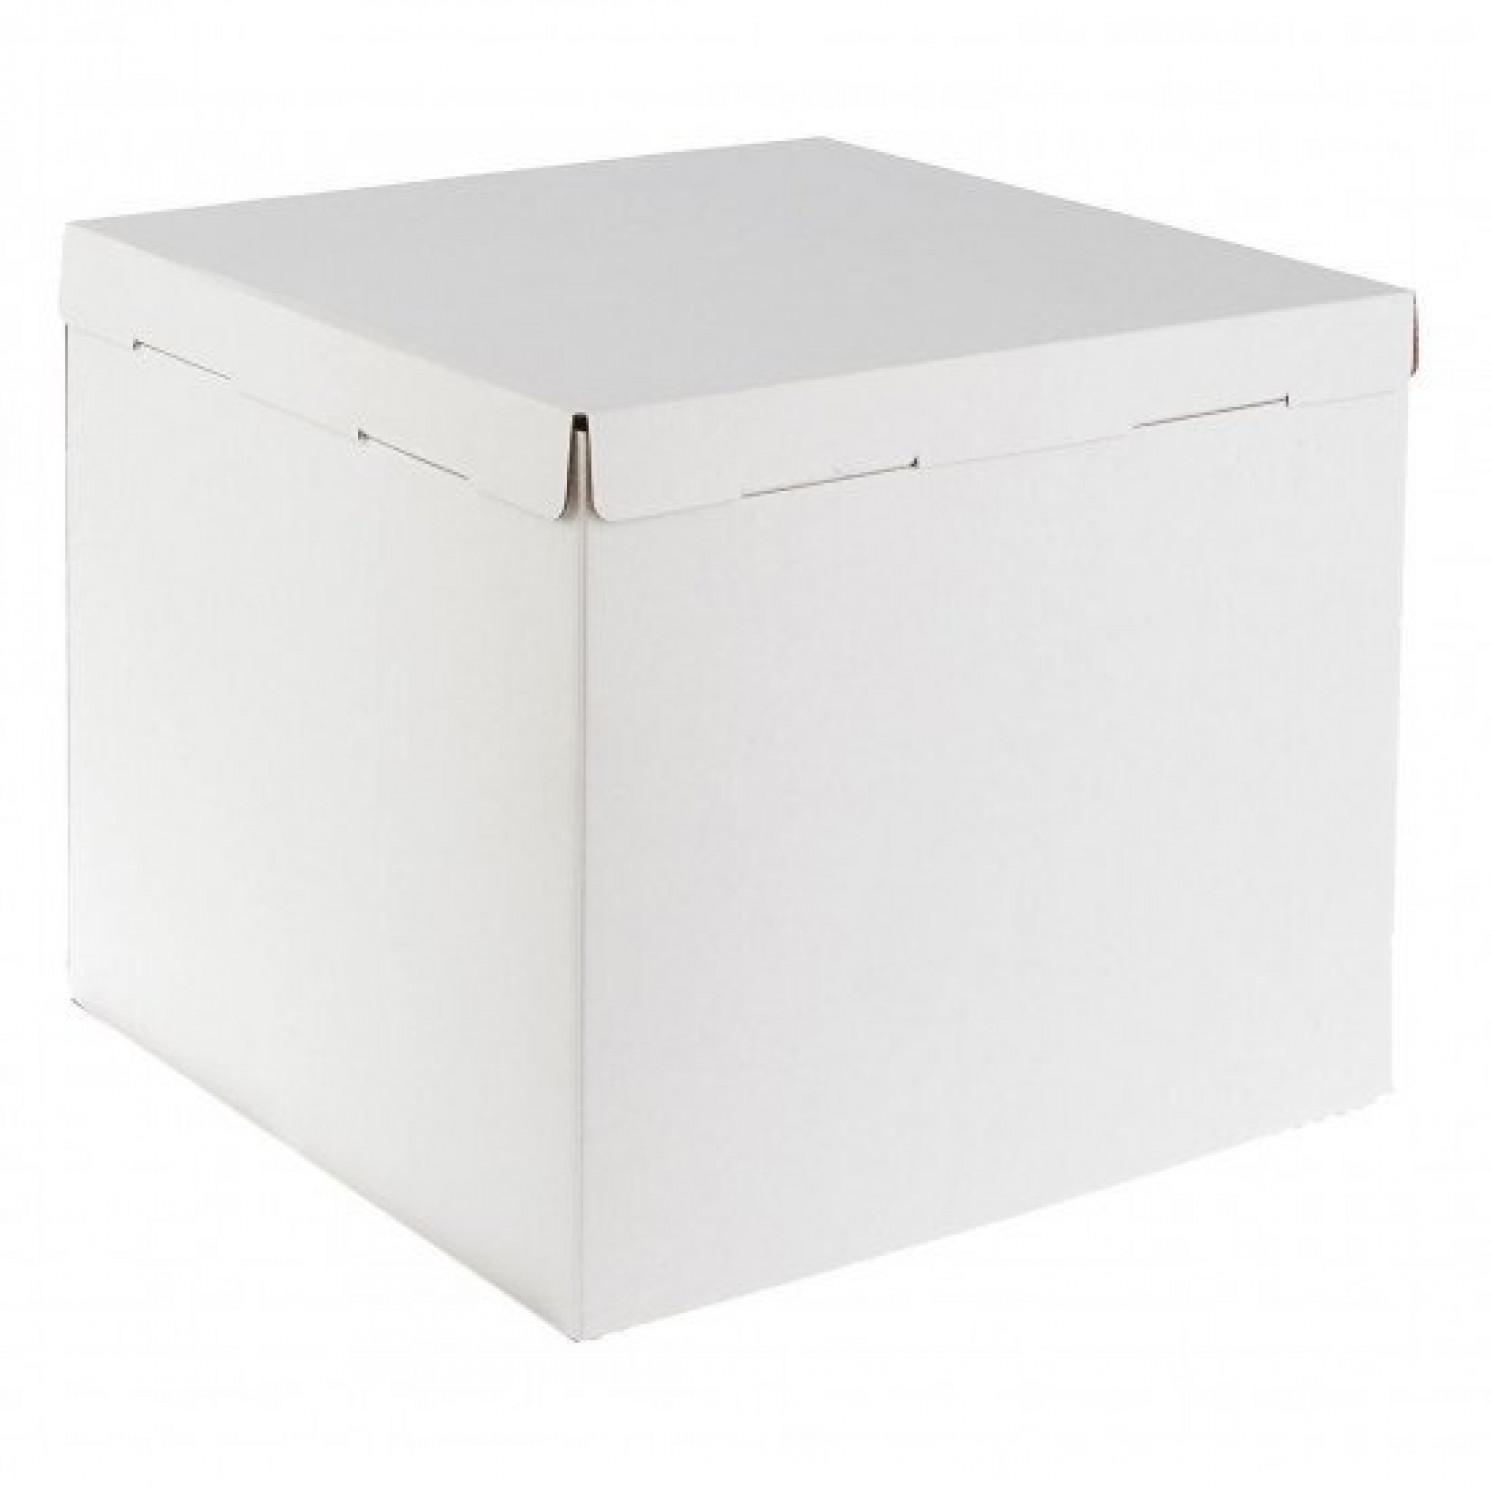 Короб картонный белый 400х400х350 мм, усиленный (гофра)